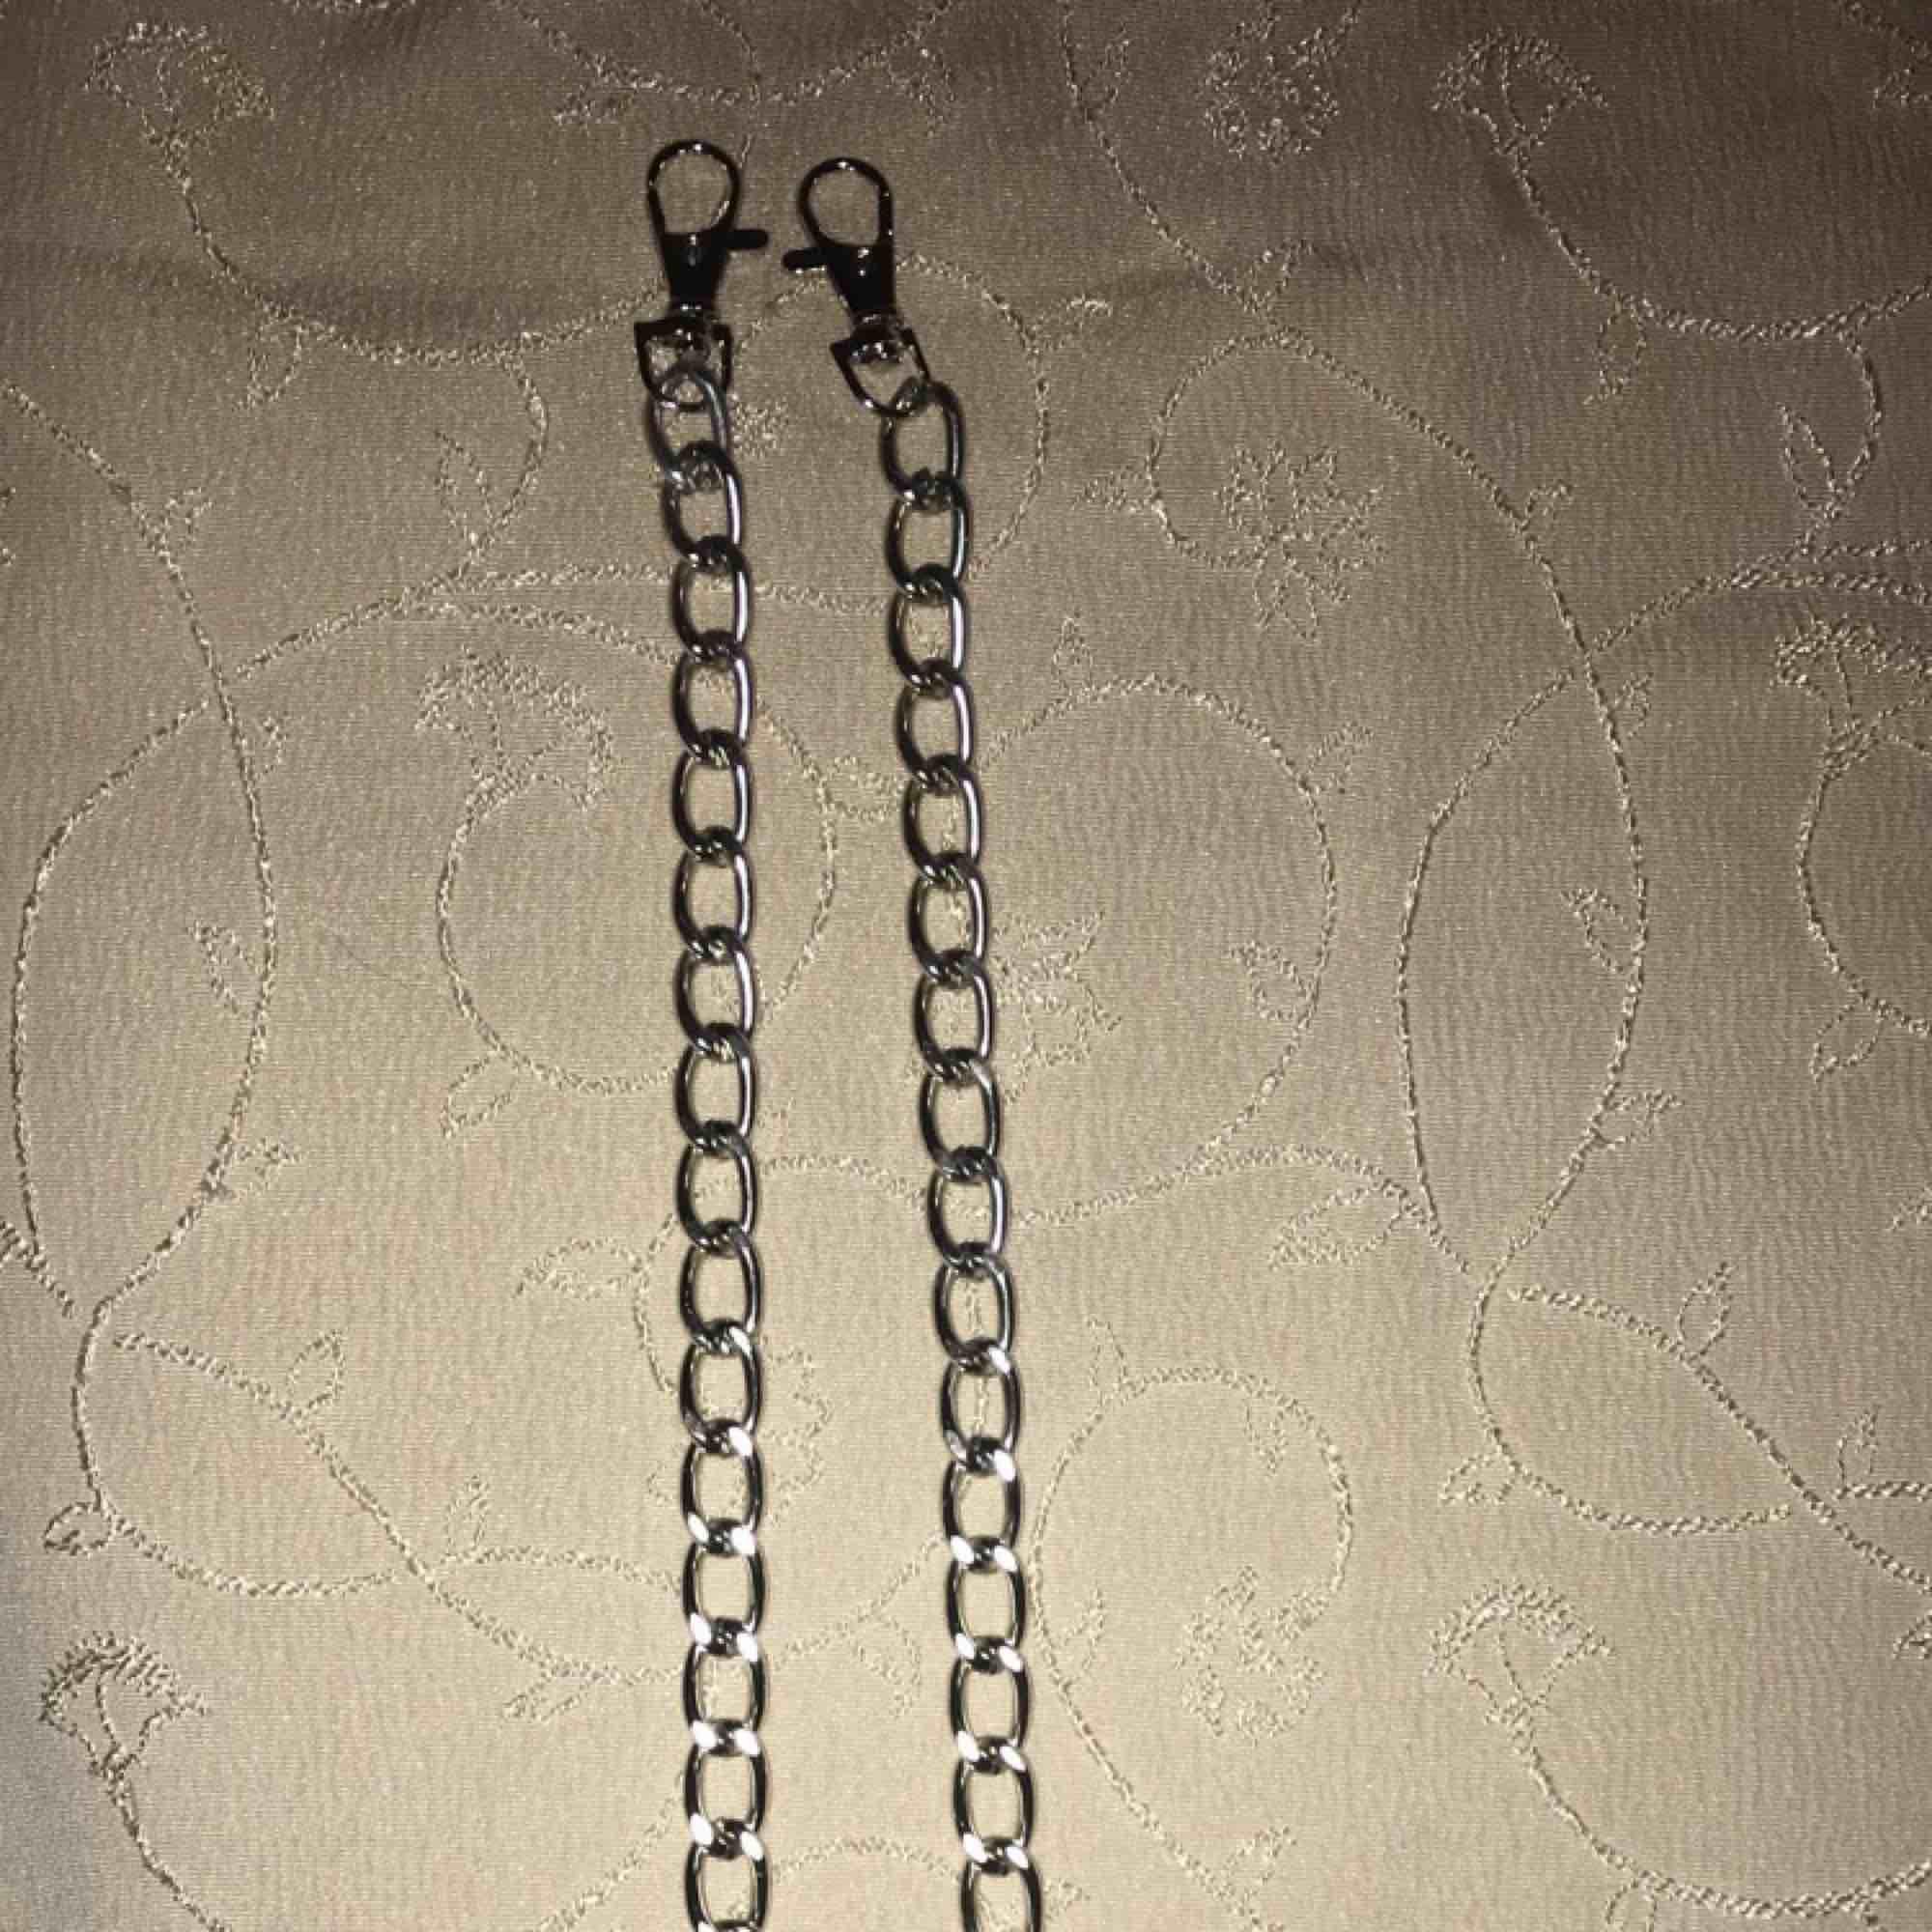 Cool byxkedja som även går att använda som ett halsband. Den är ca 60 cm lång. Kan alltid göra den kortare om det önskas. + frakt  PRISET GÅR ATT DISSKUTERA. Accessoarer.